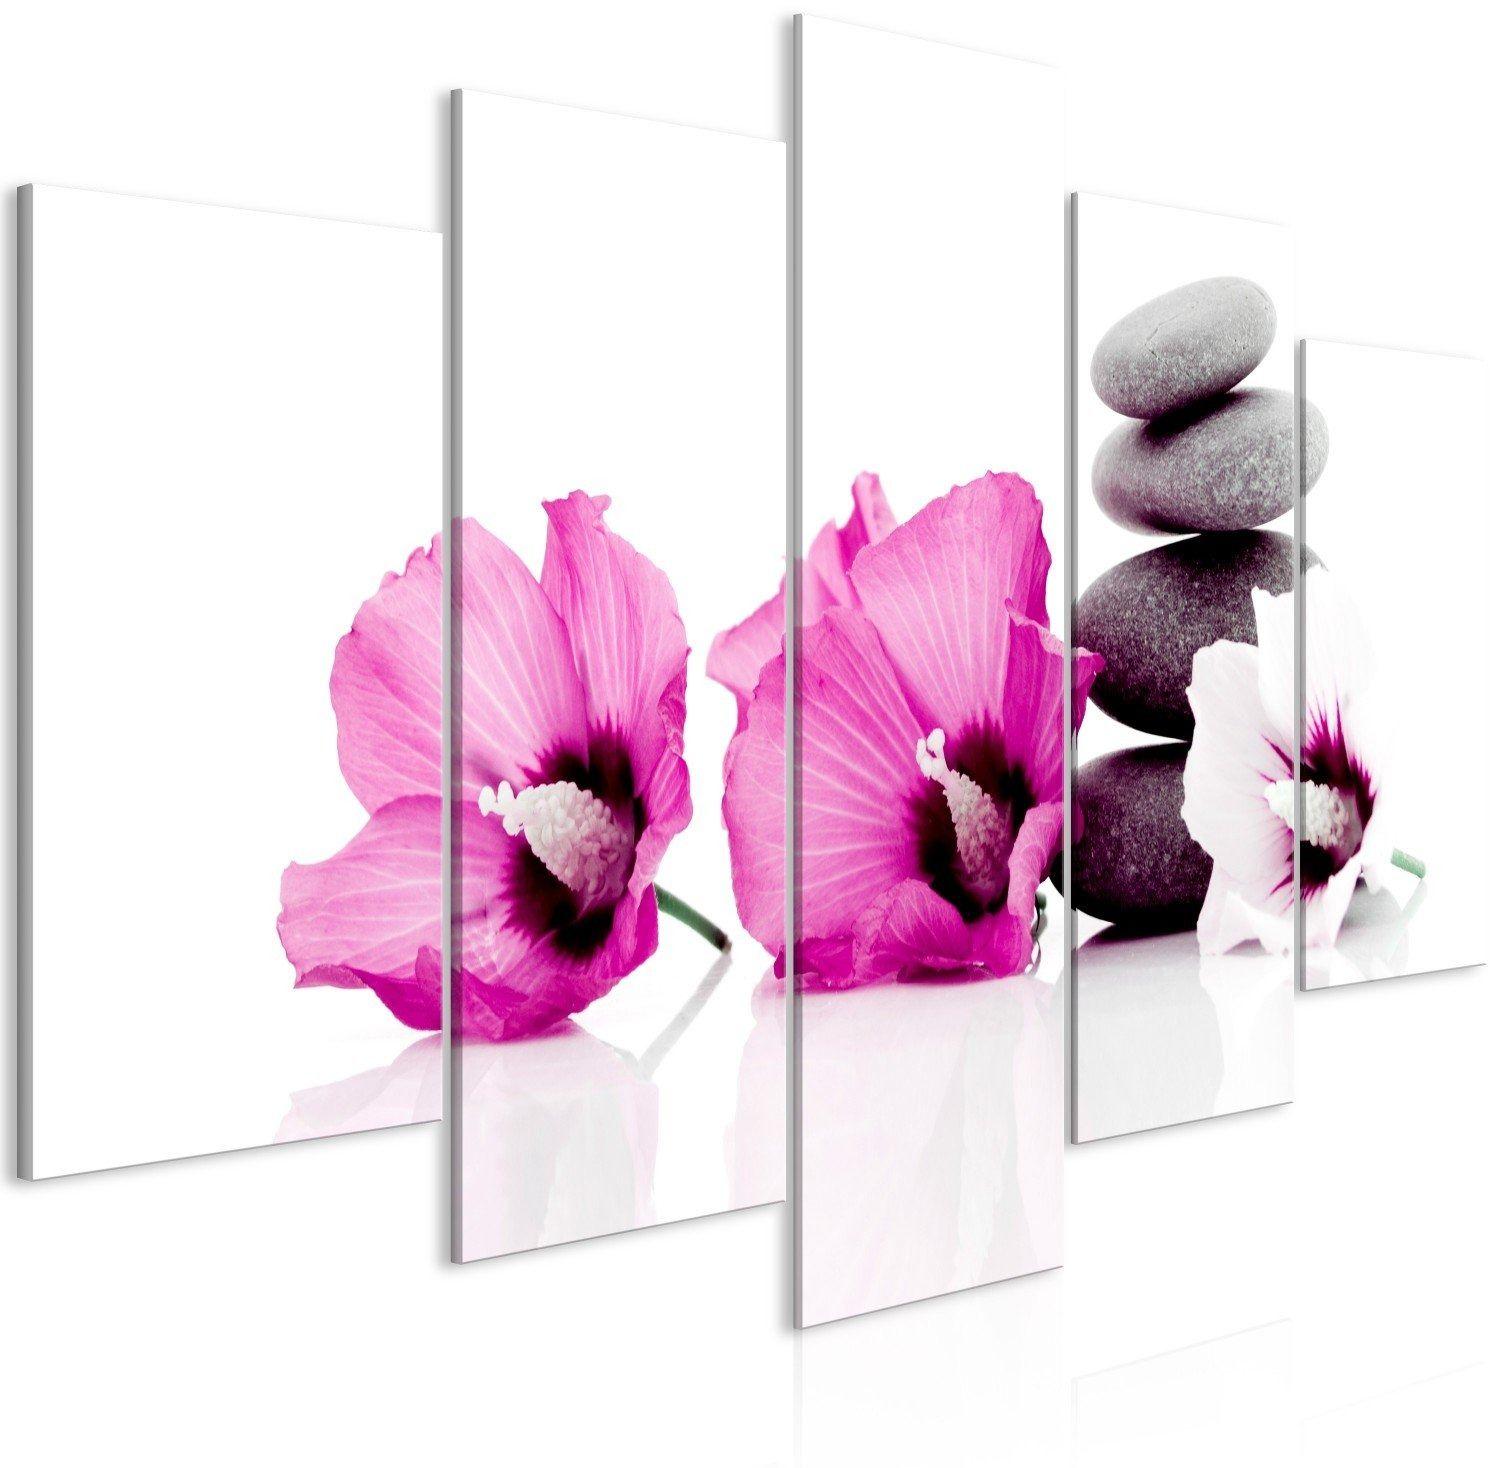 Obraz - spokojne malwy (5-częściowy) szeroki różowy